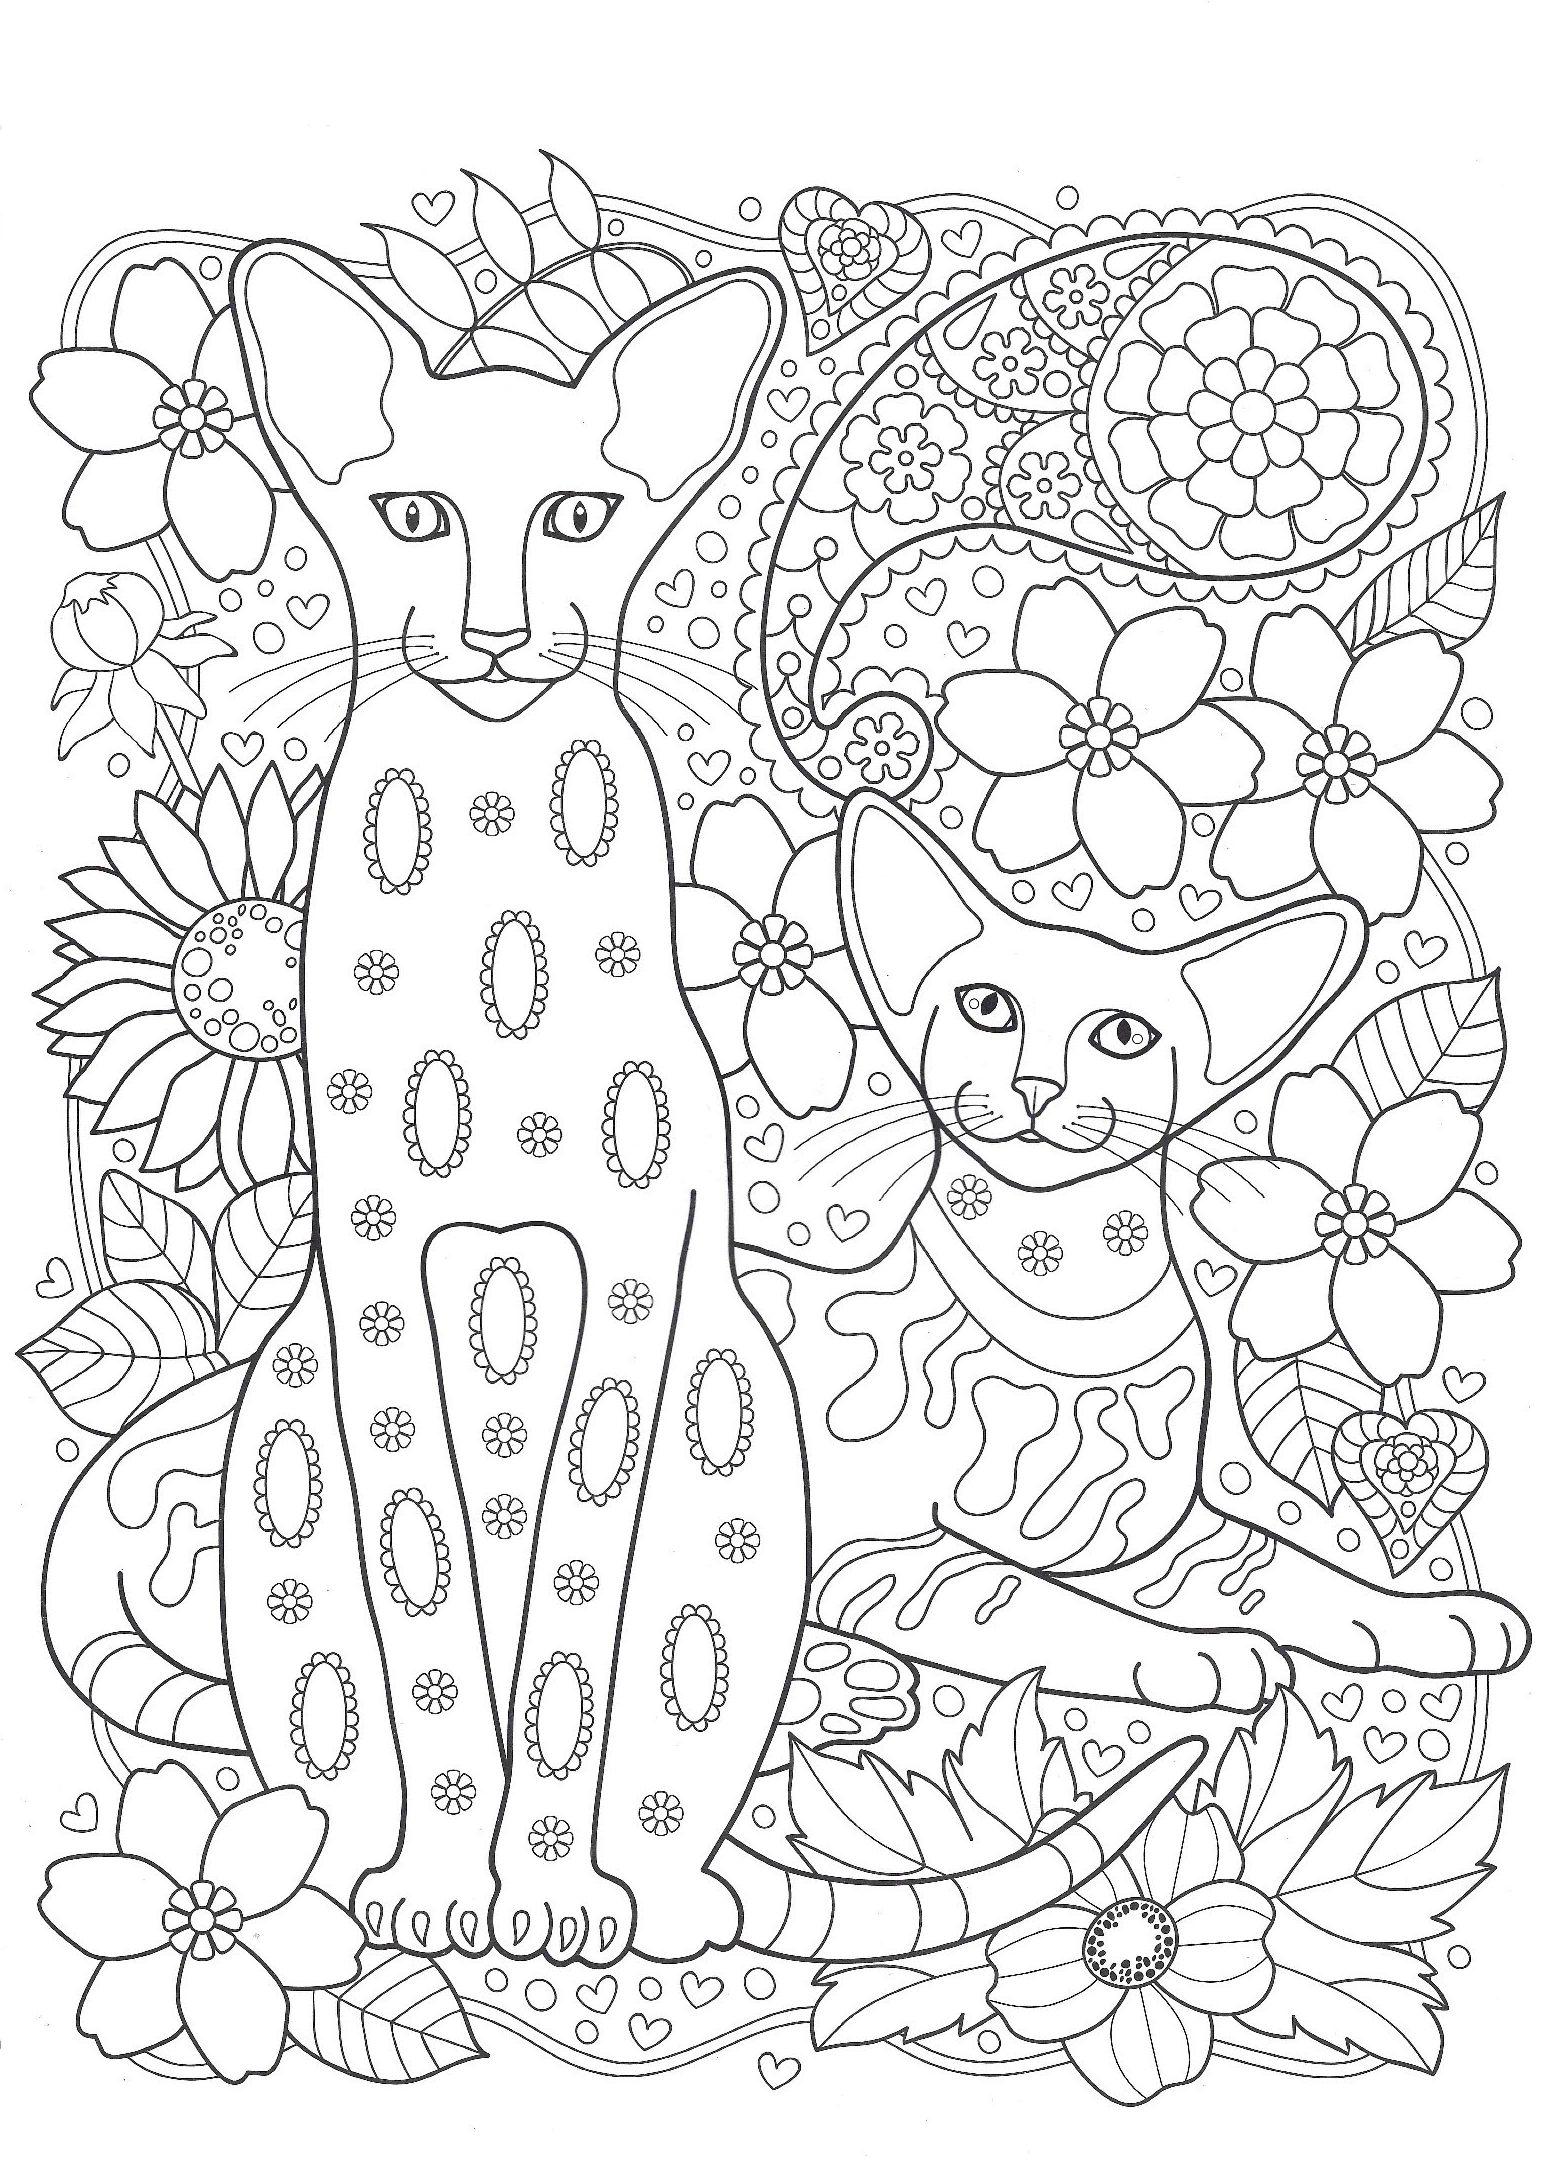 Раскраска для расслабления для детей